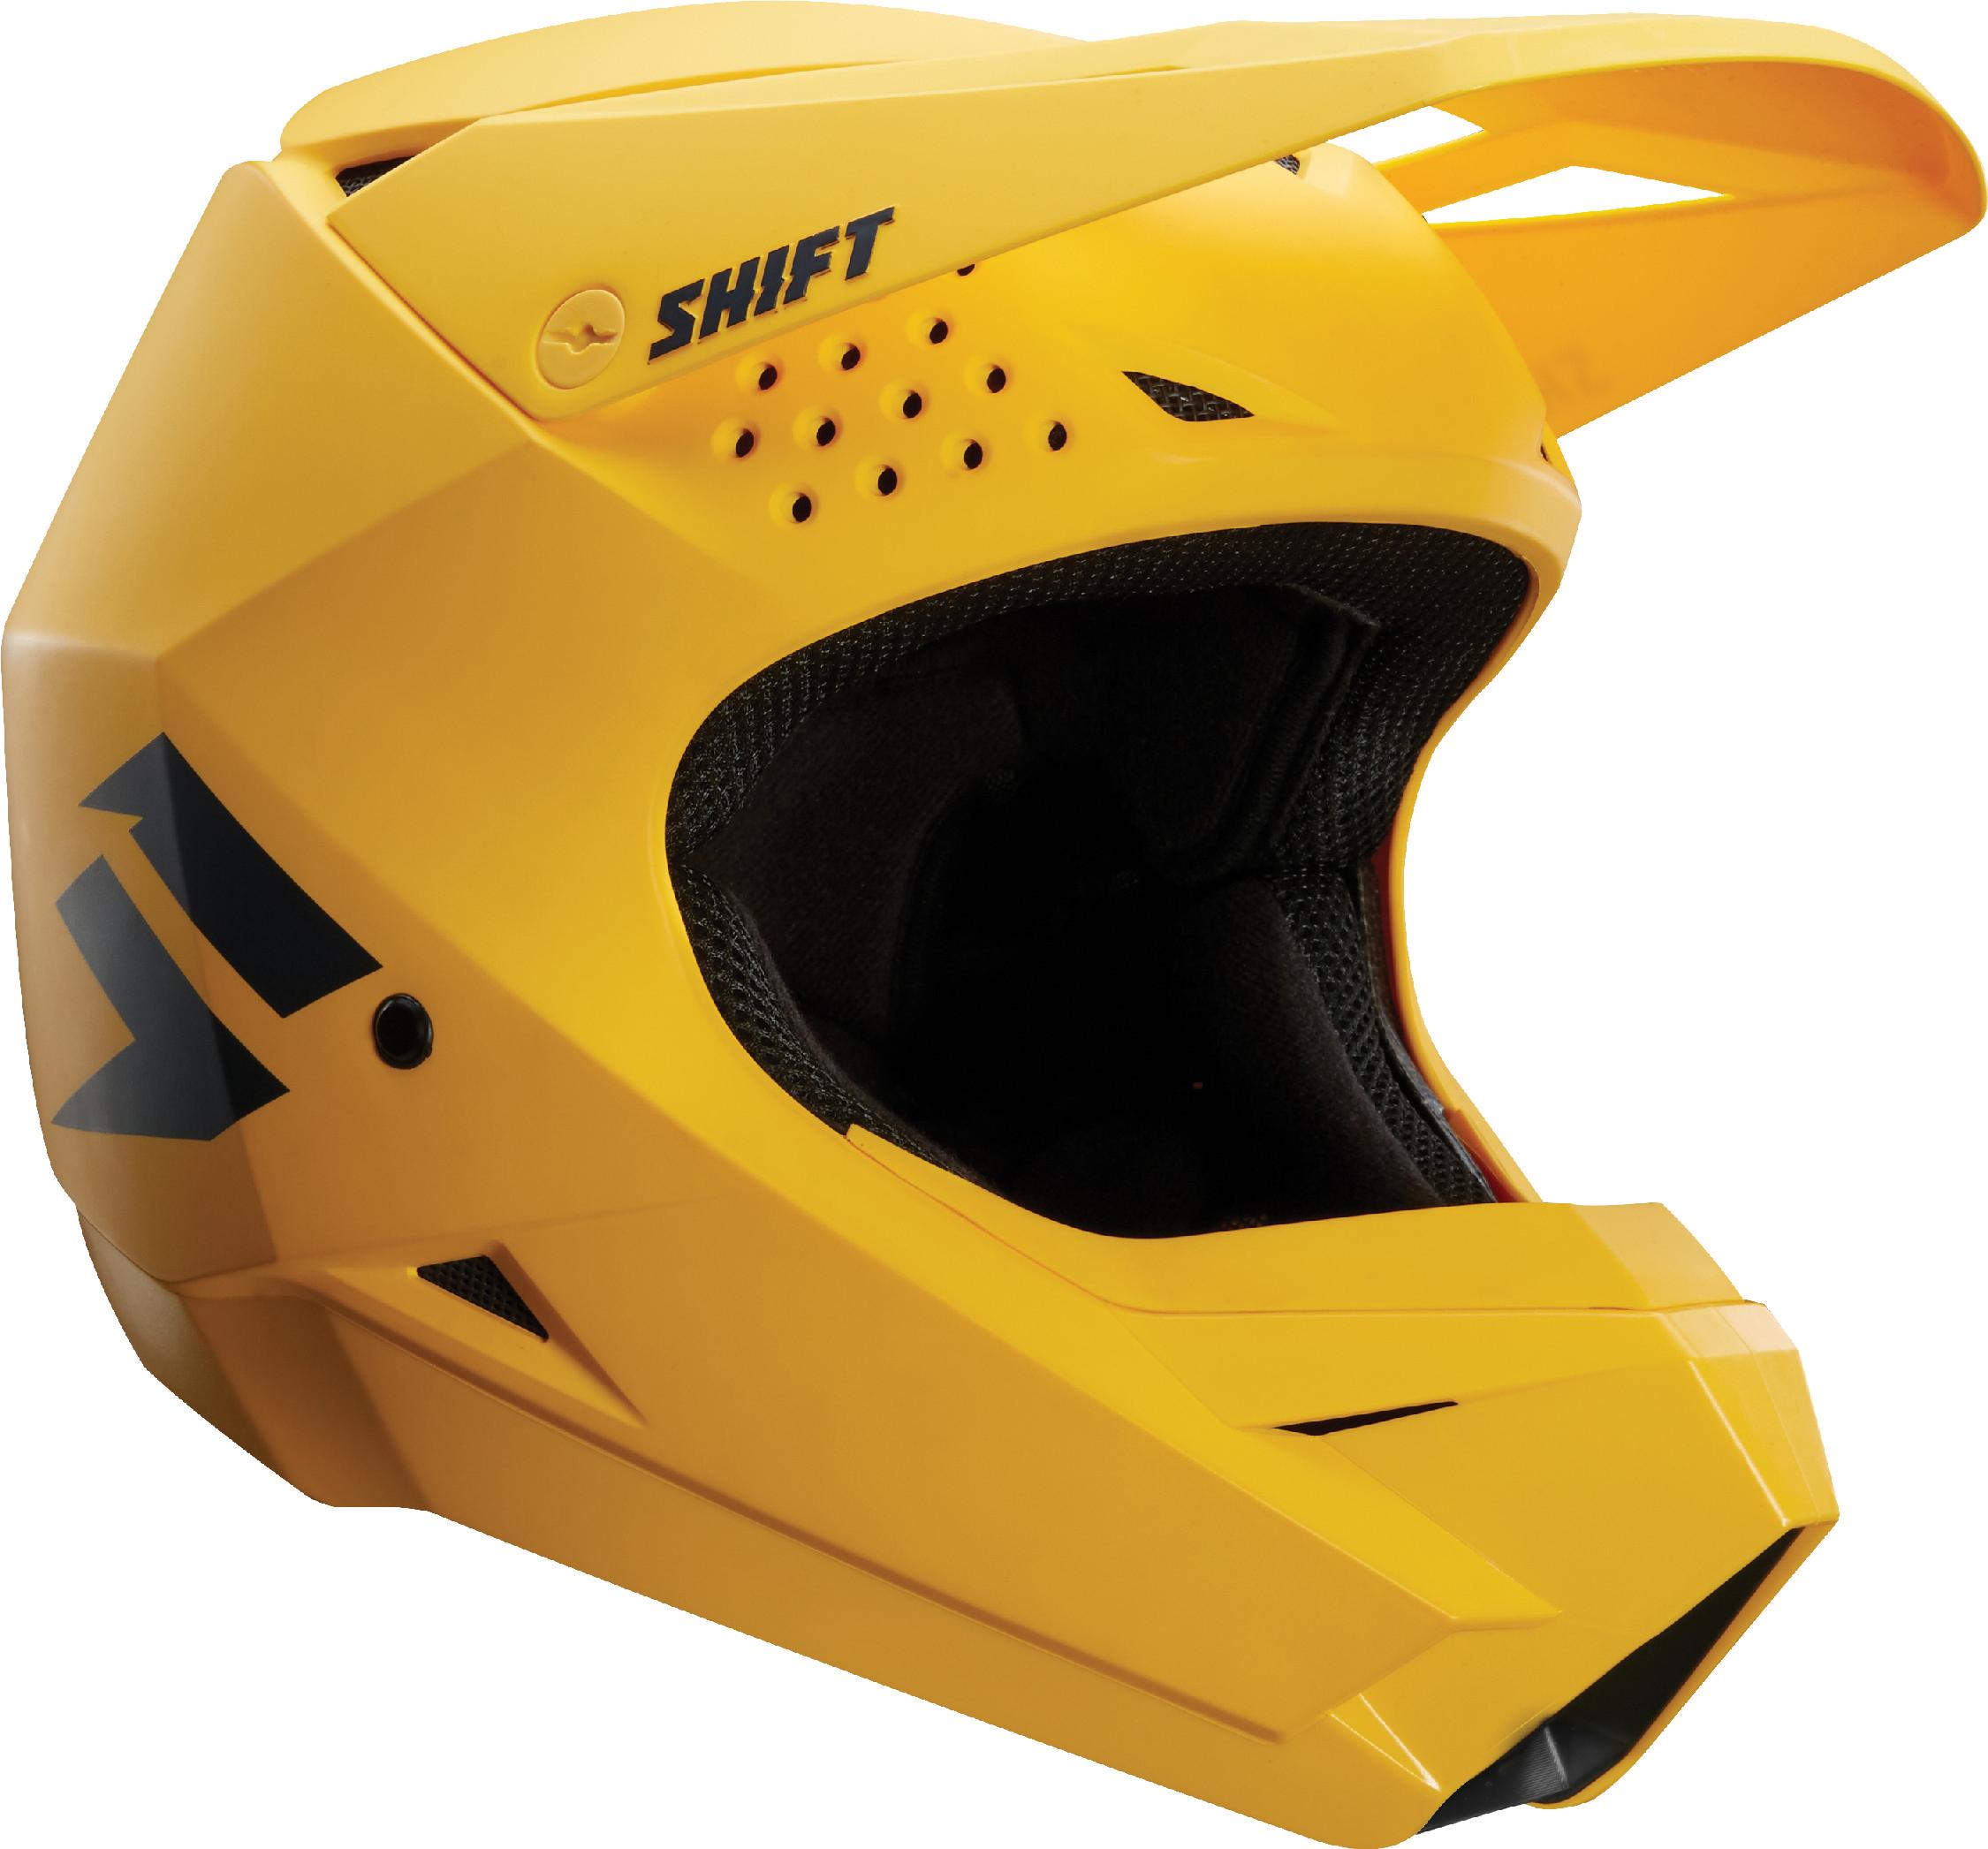 NEW SHIFT RACING ATV MX MOTOCROSS OFF-ROAD WHITE LABEL WHIT3 HELMET ORANGE//BLK